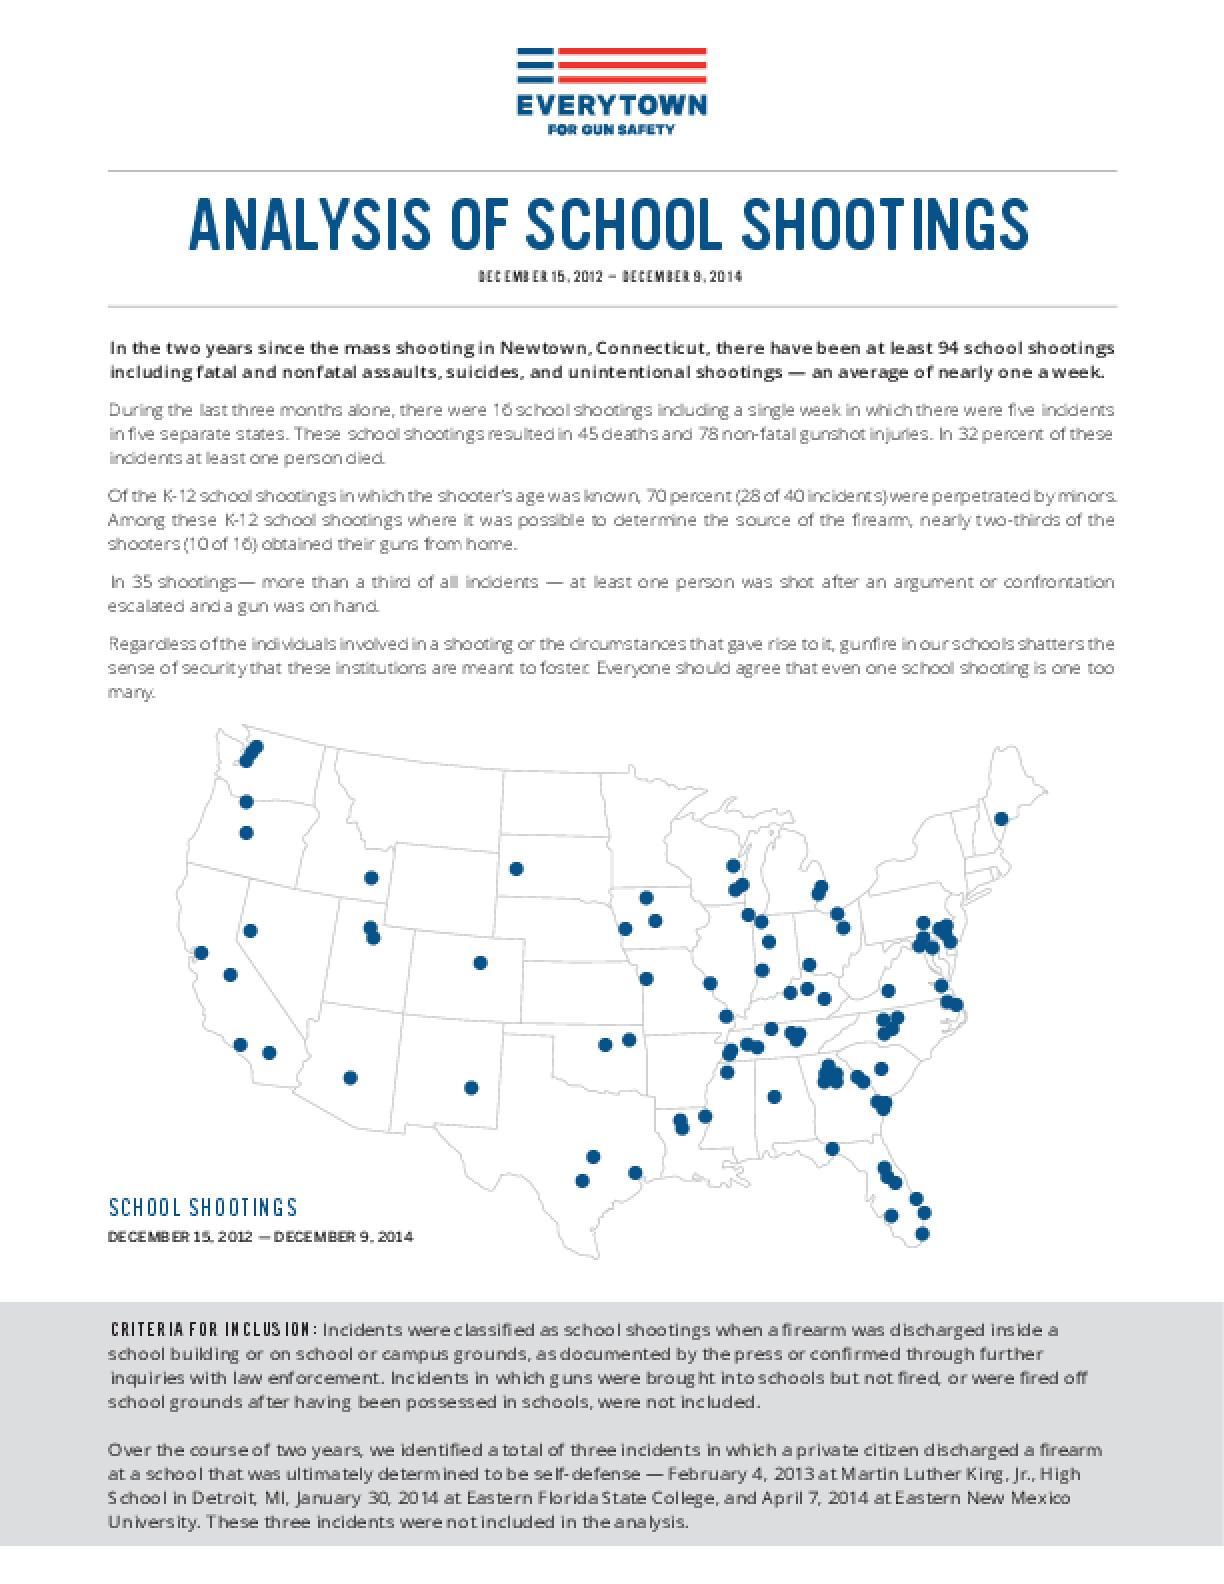 Analysis of School Shootings: December 15, 2012 - December 9, 2014